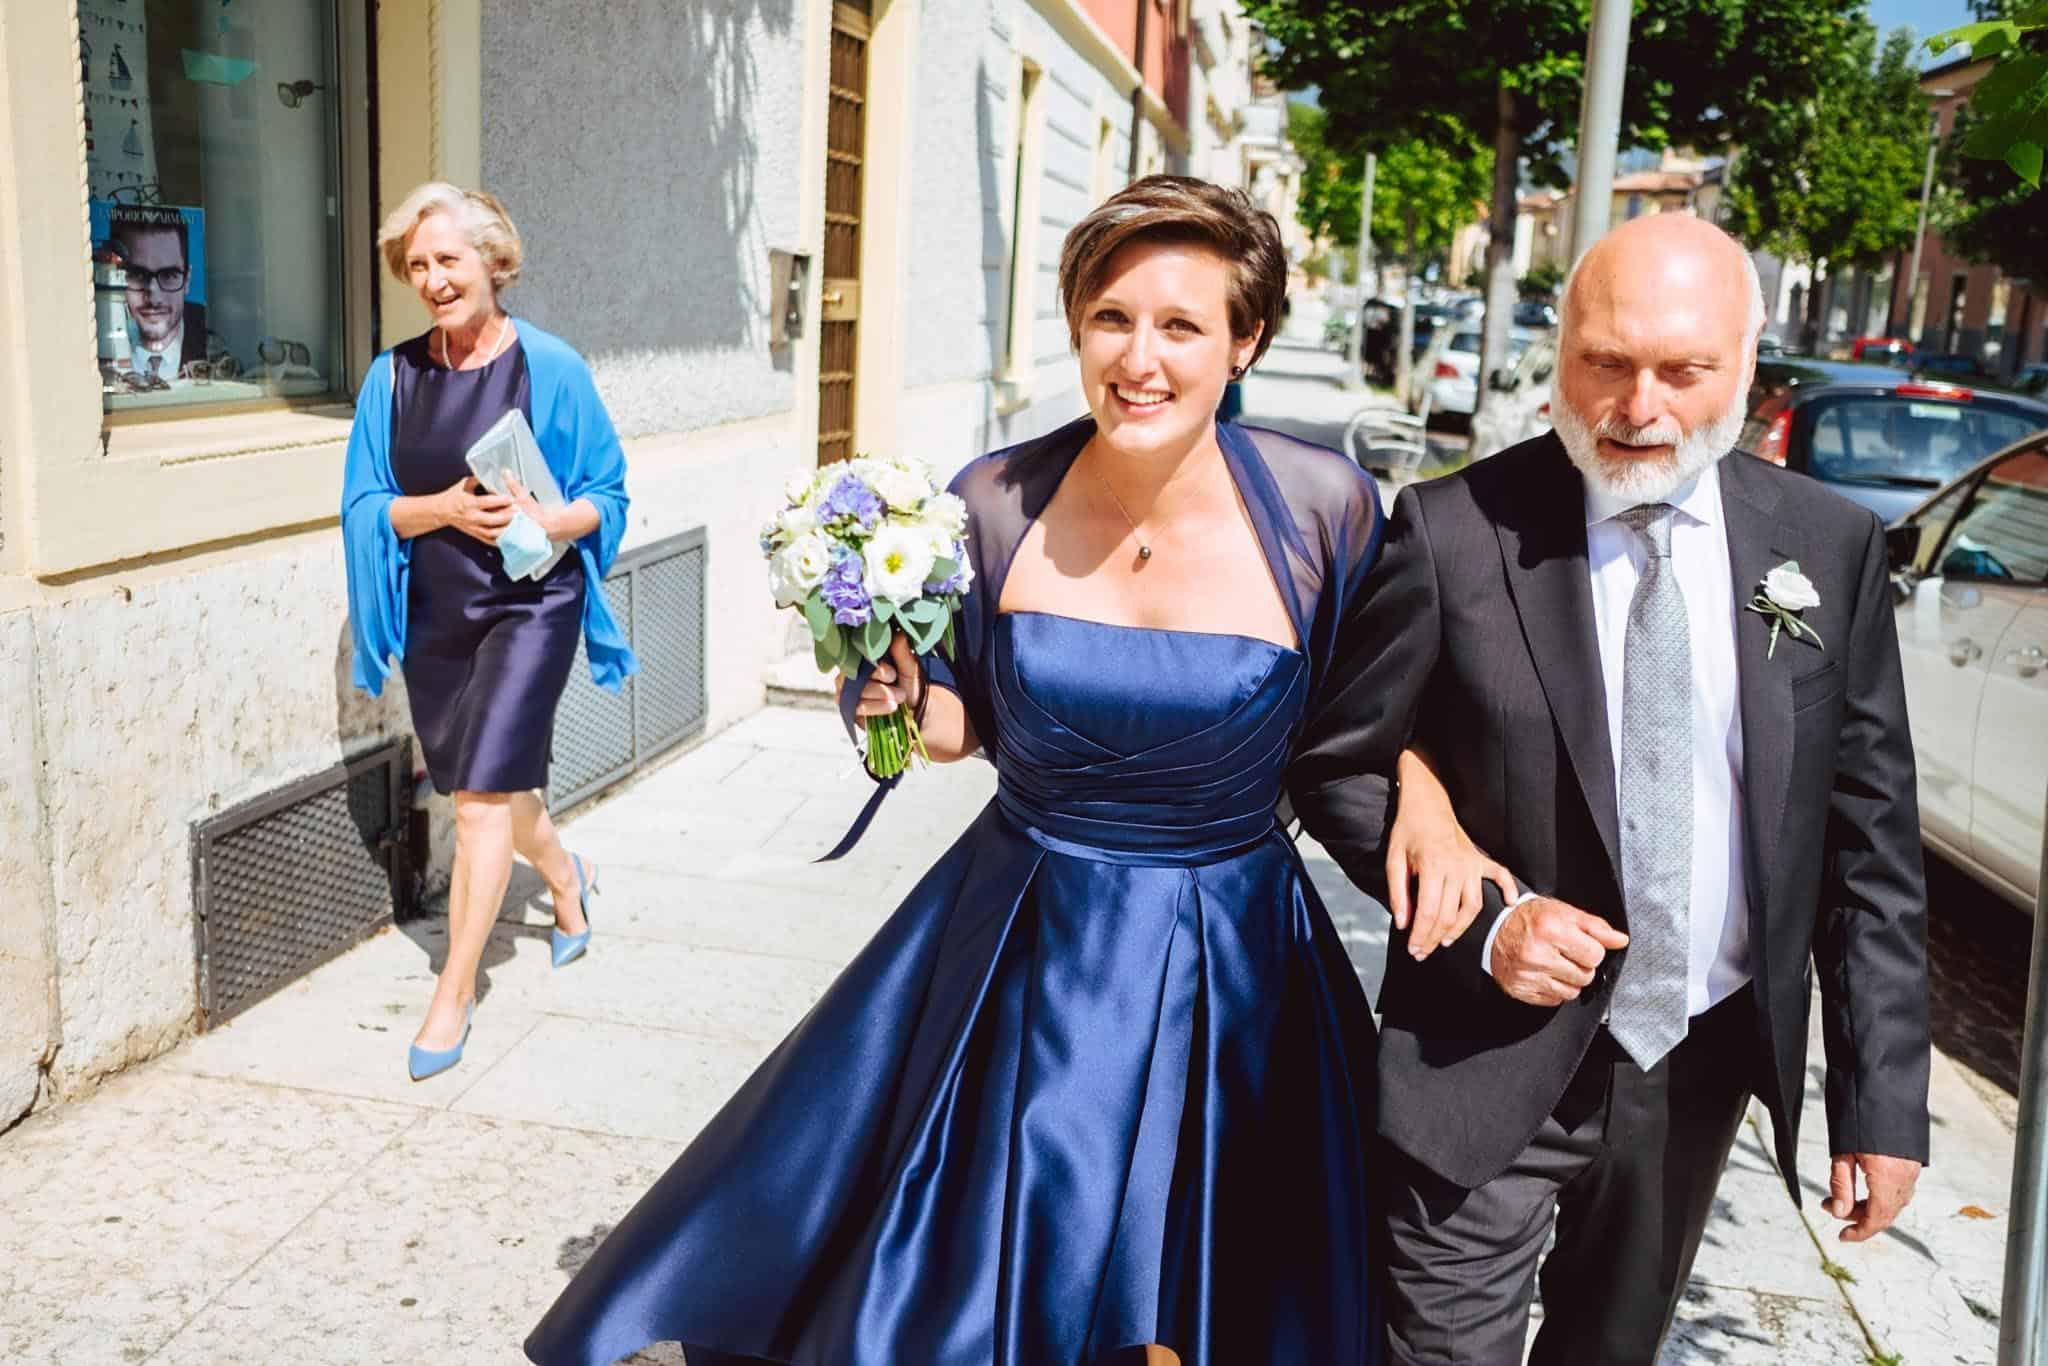 matrimonio valpolicella verona Costa degli ulivi 0018